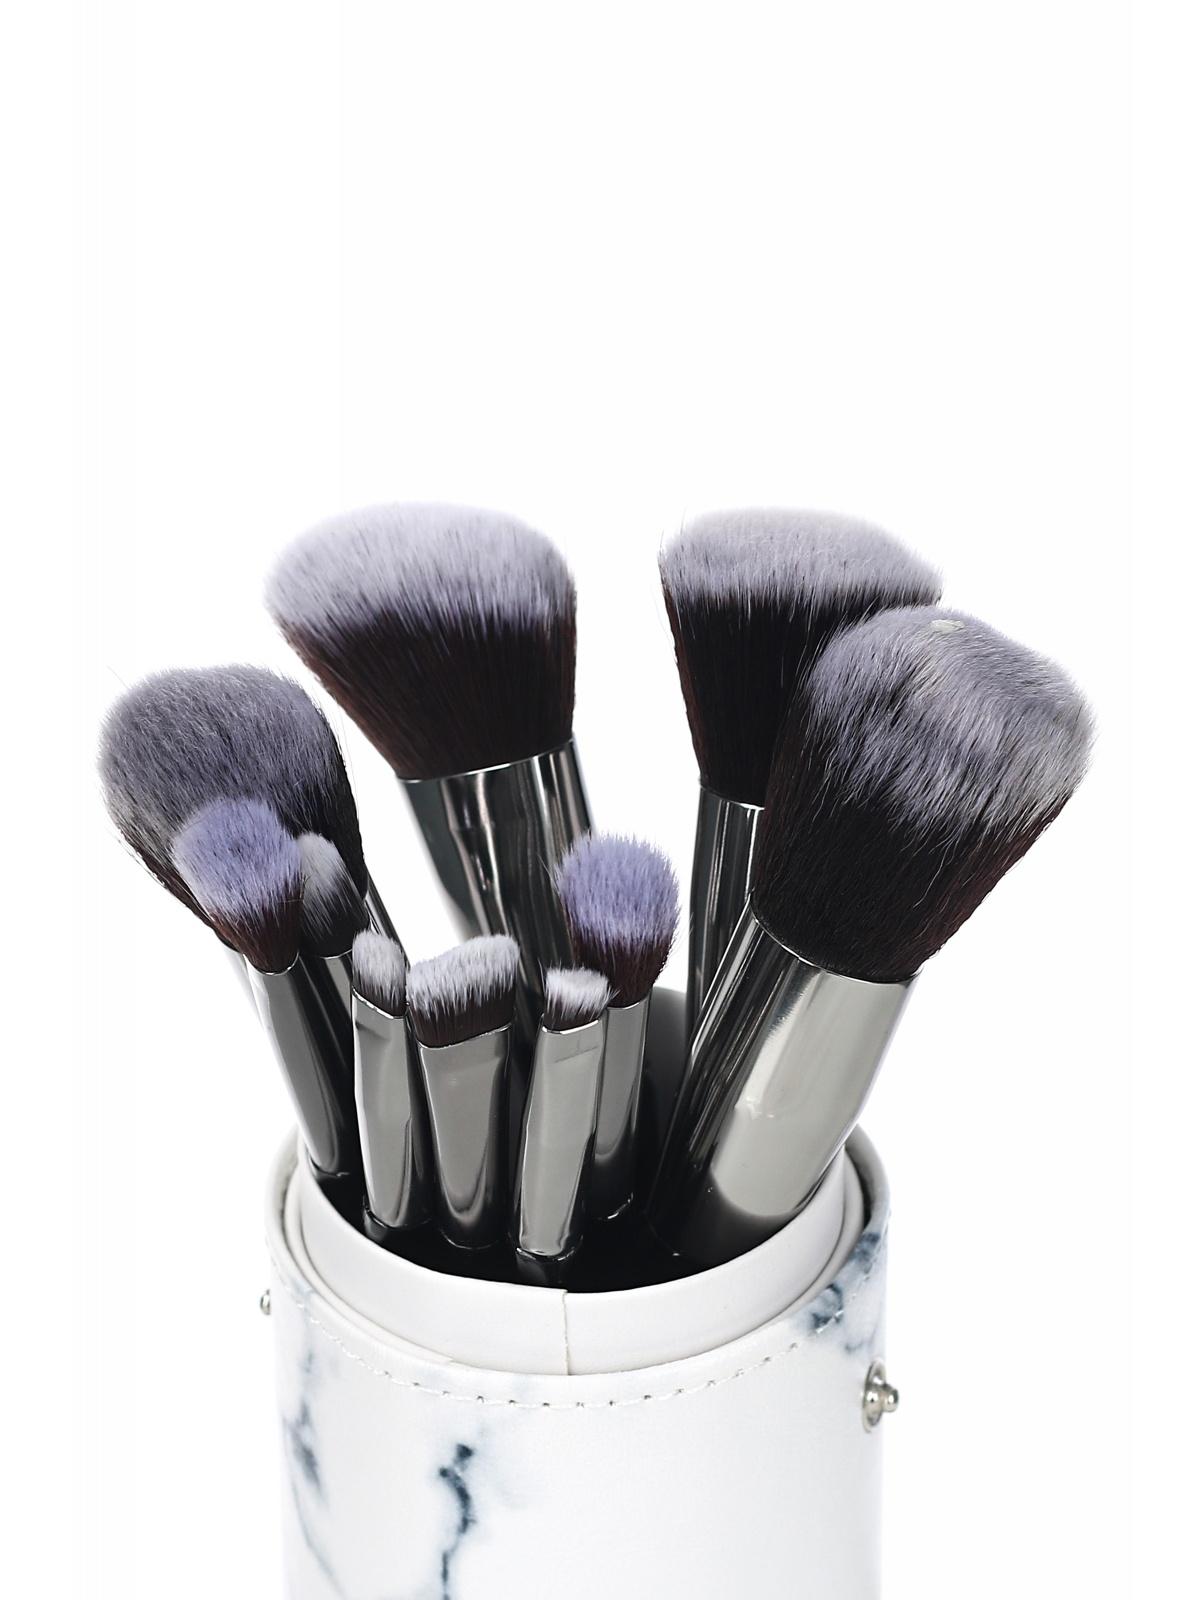 Набор кистей для макияжа 10 шт CB006-29 TOUCHING NATURE цена